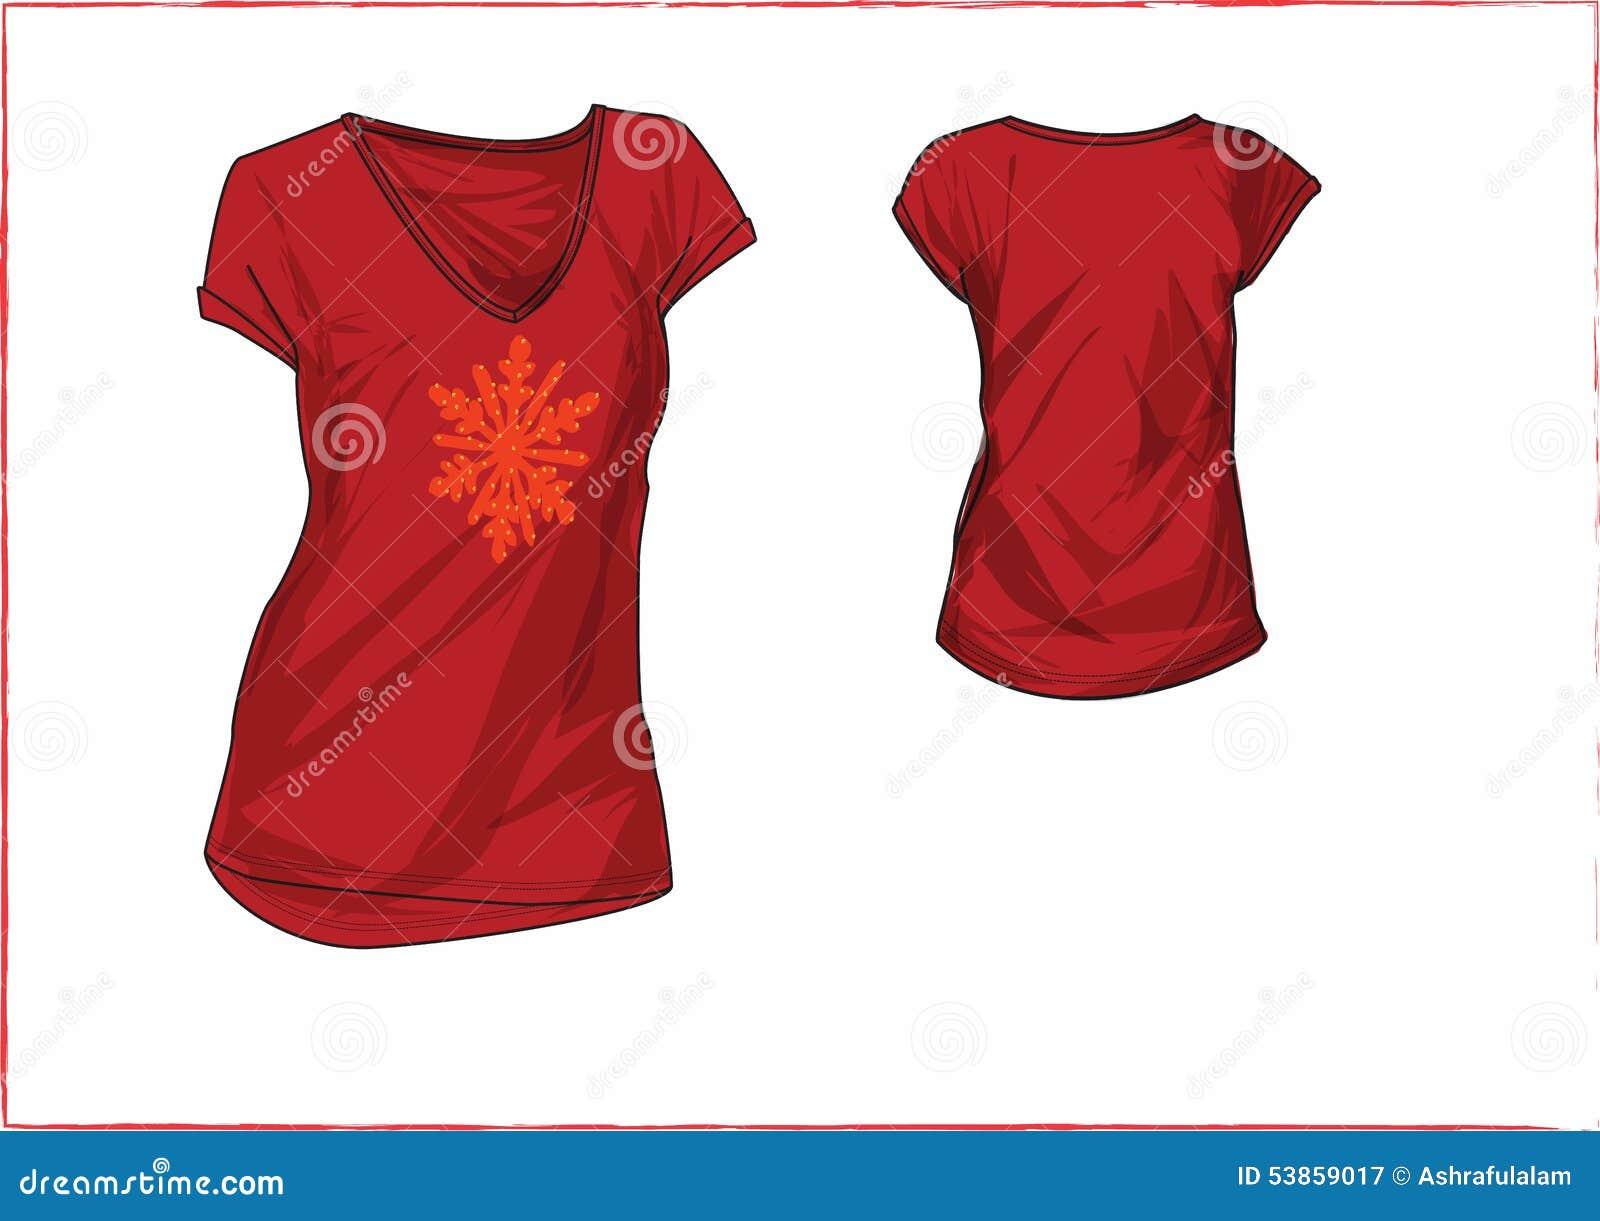 Shirt design red - Girl Chest Motif T Shirt Design Templates